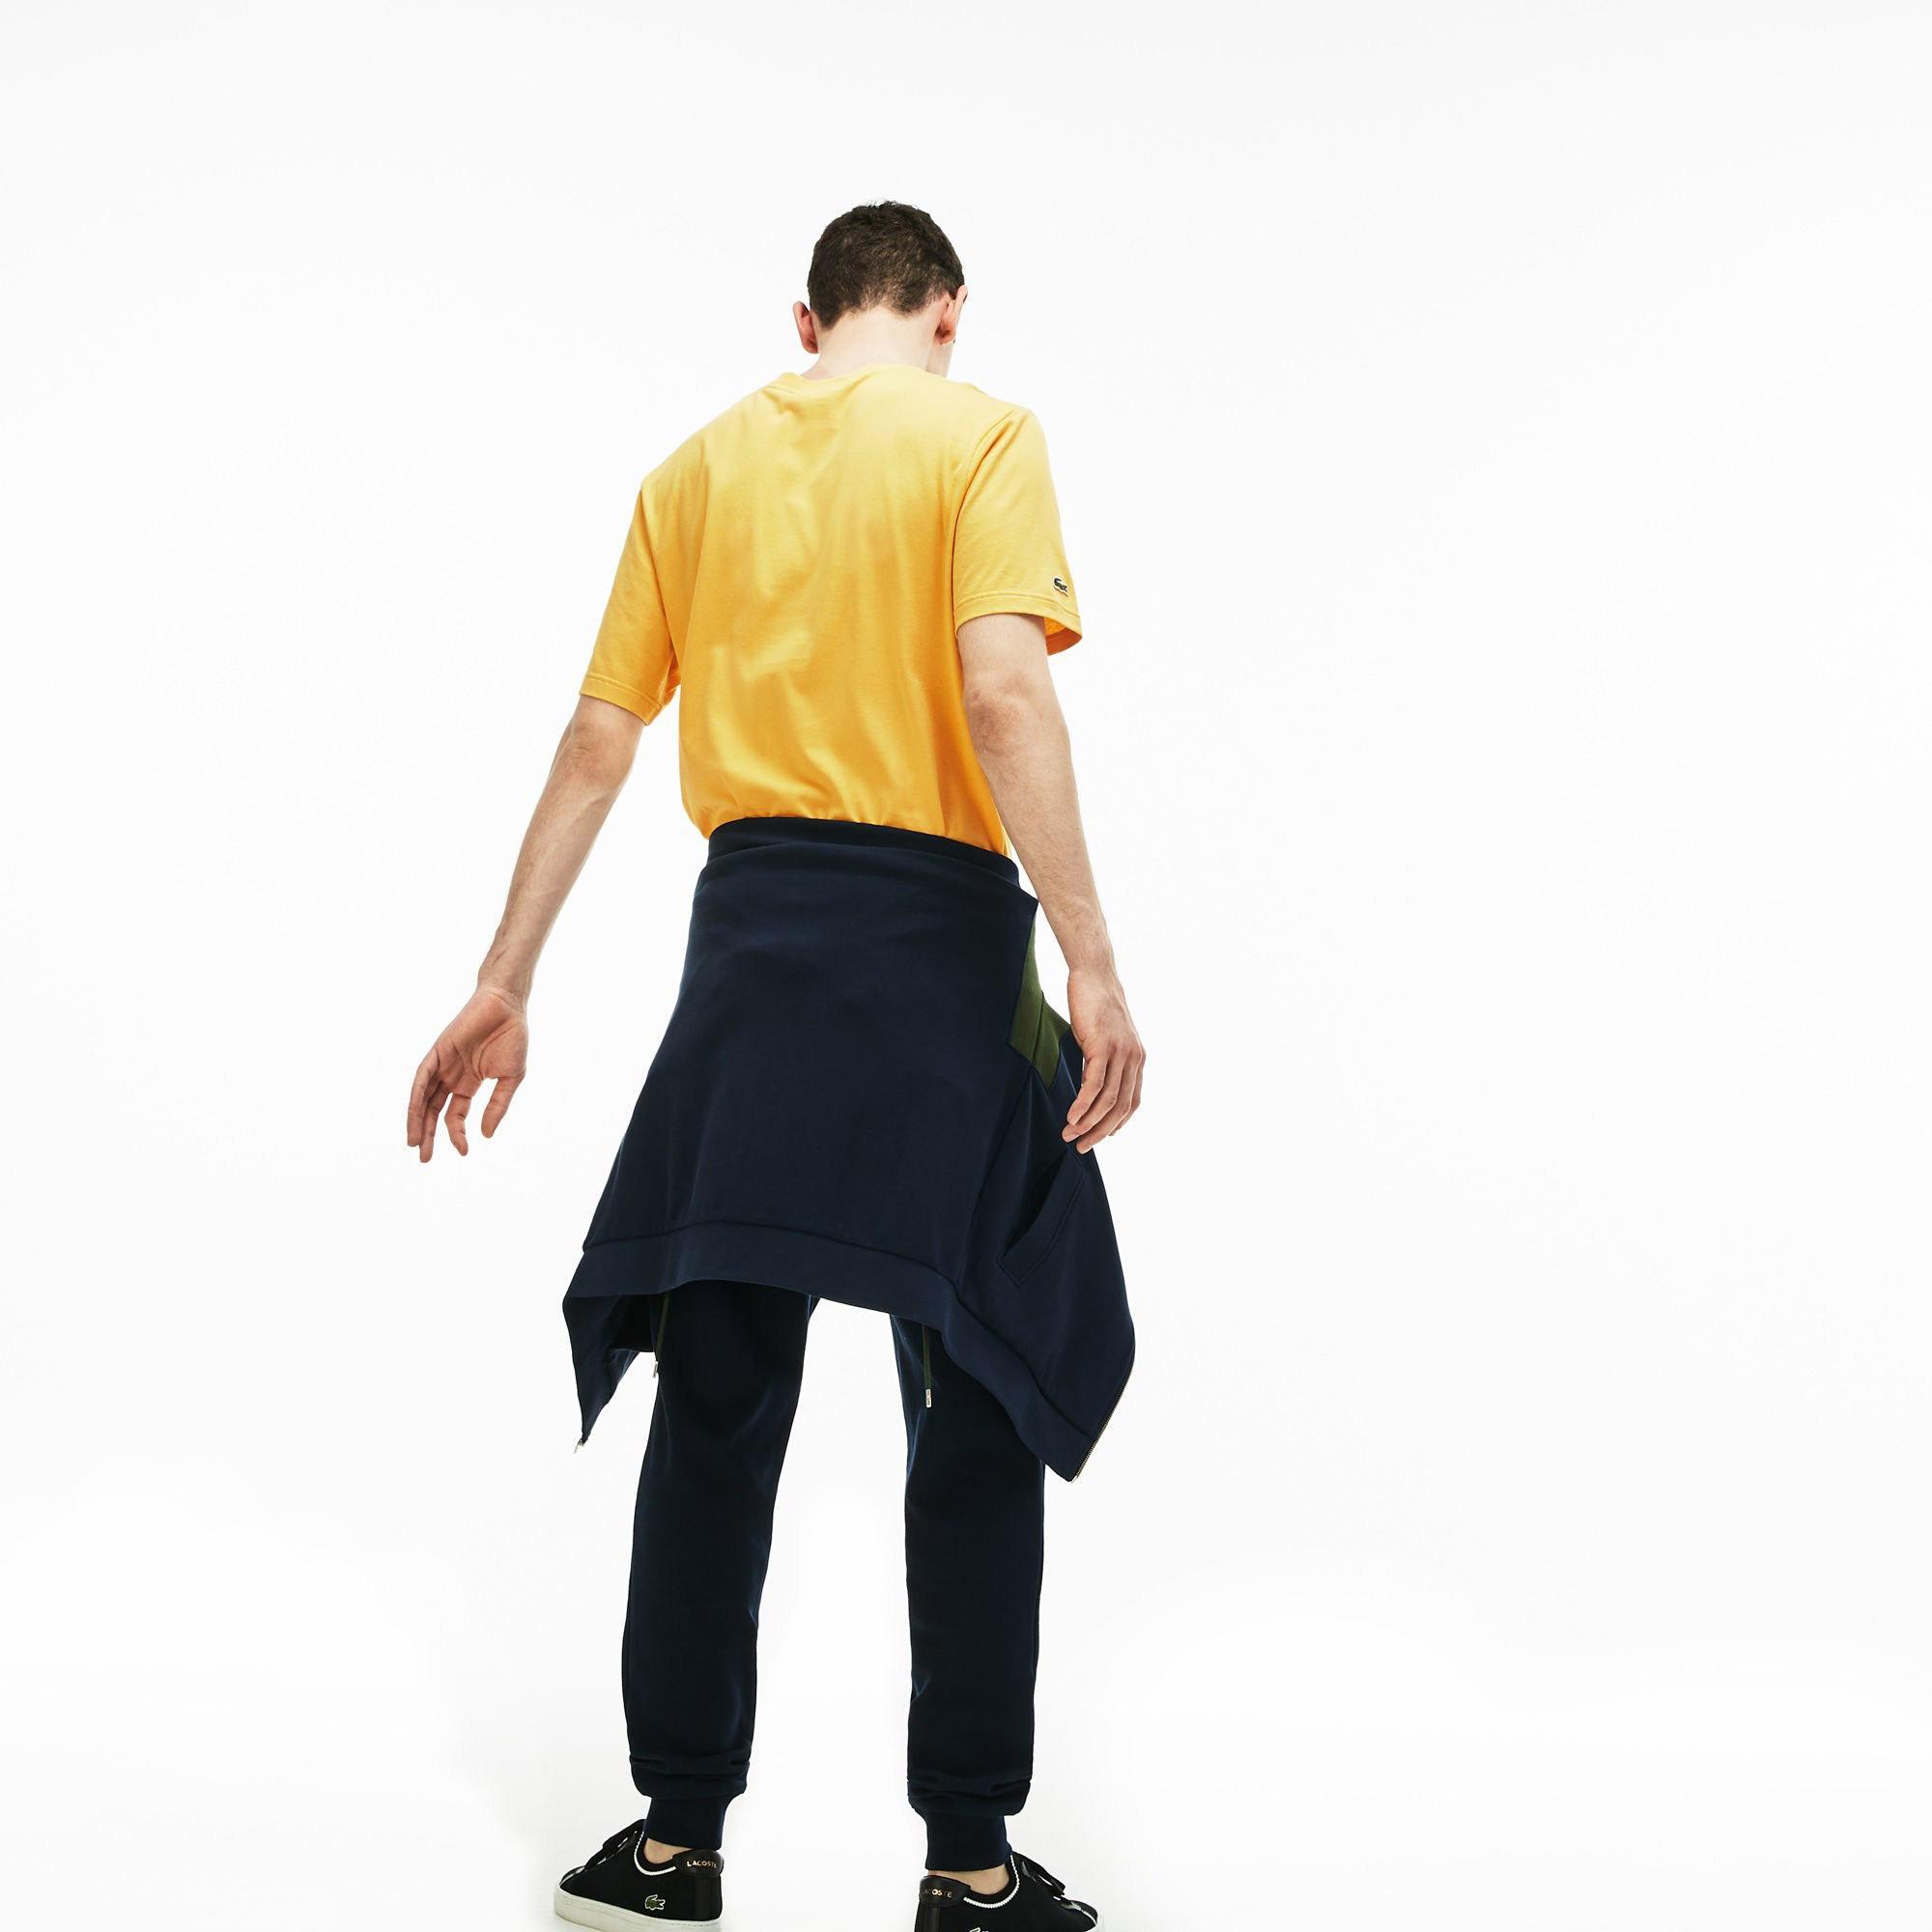 Lacoste Men's Crew Neck T-Shirts